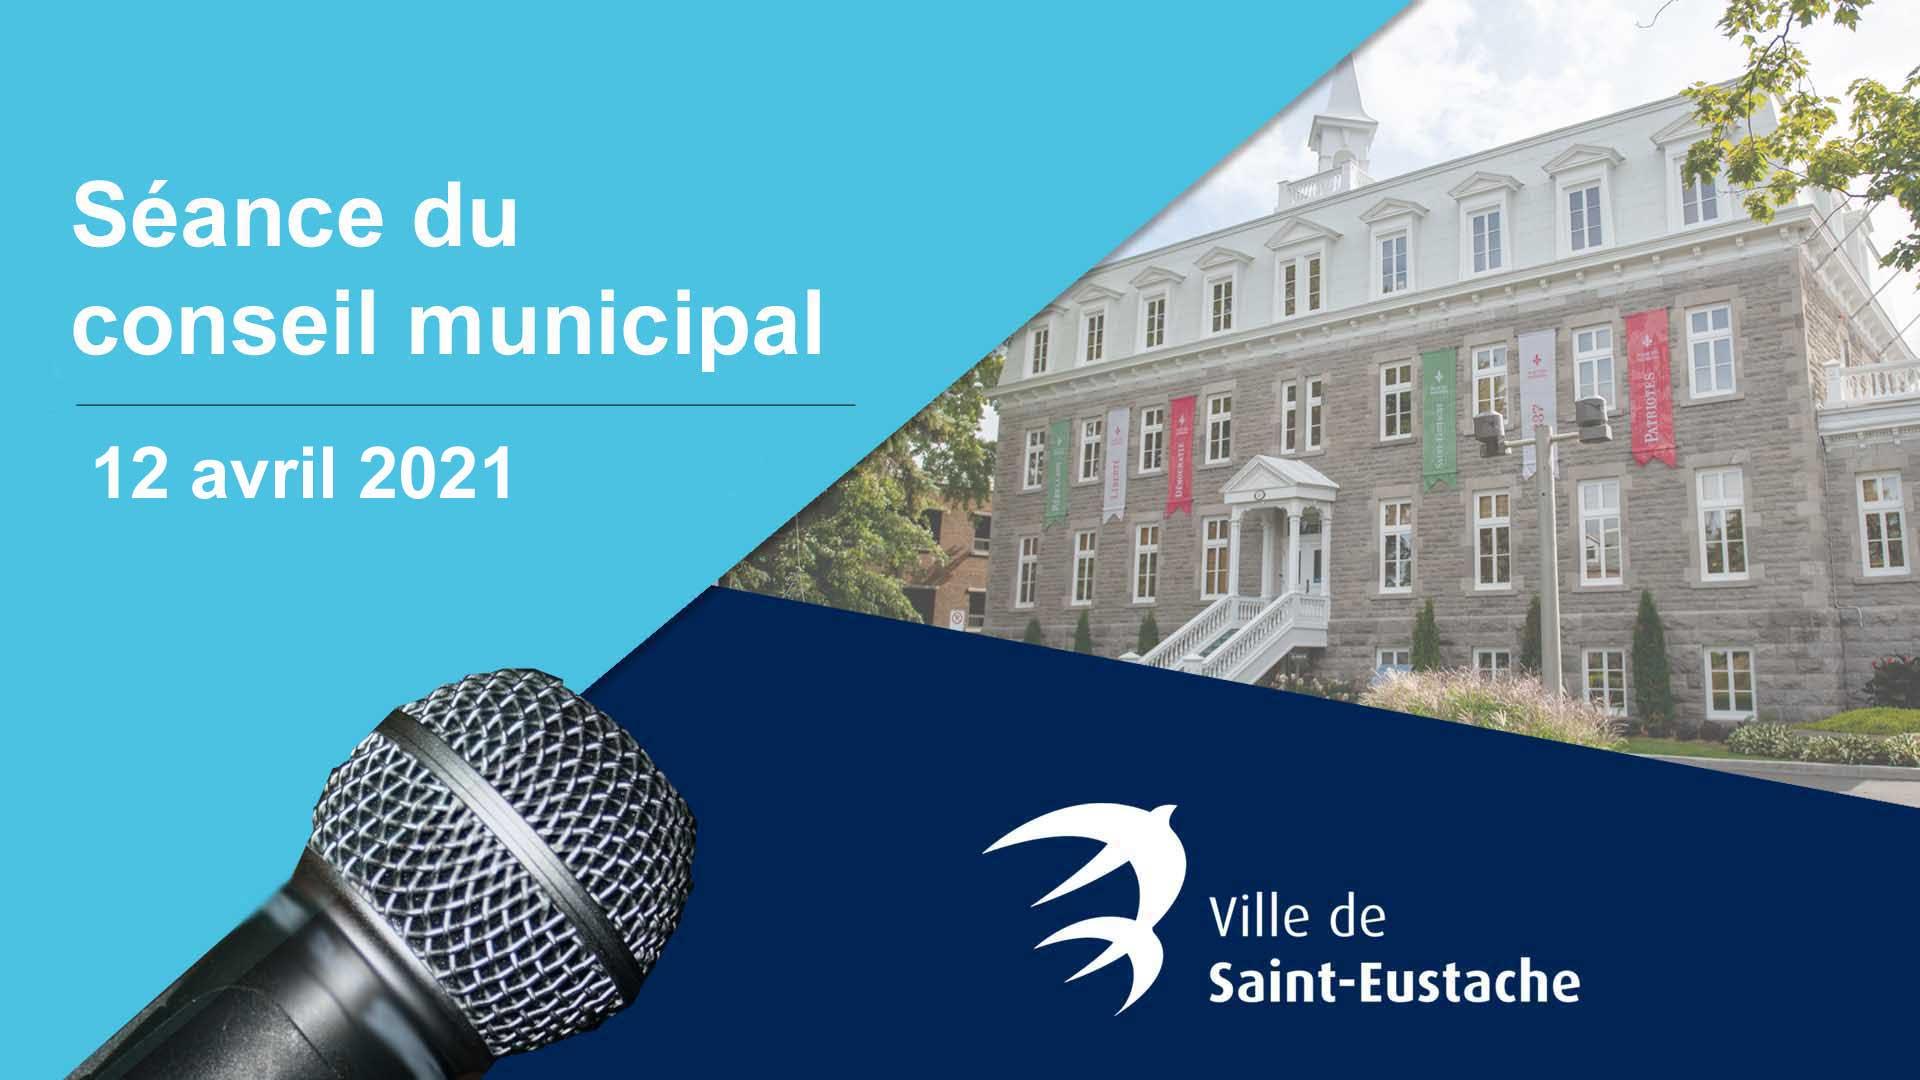 Séance ordinaire du conseil municipal à huis clos le 12 avril 2021